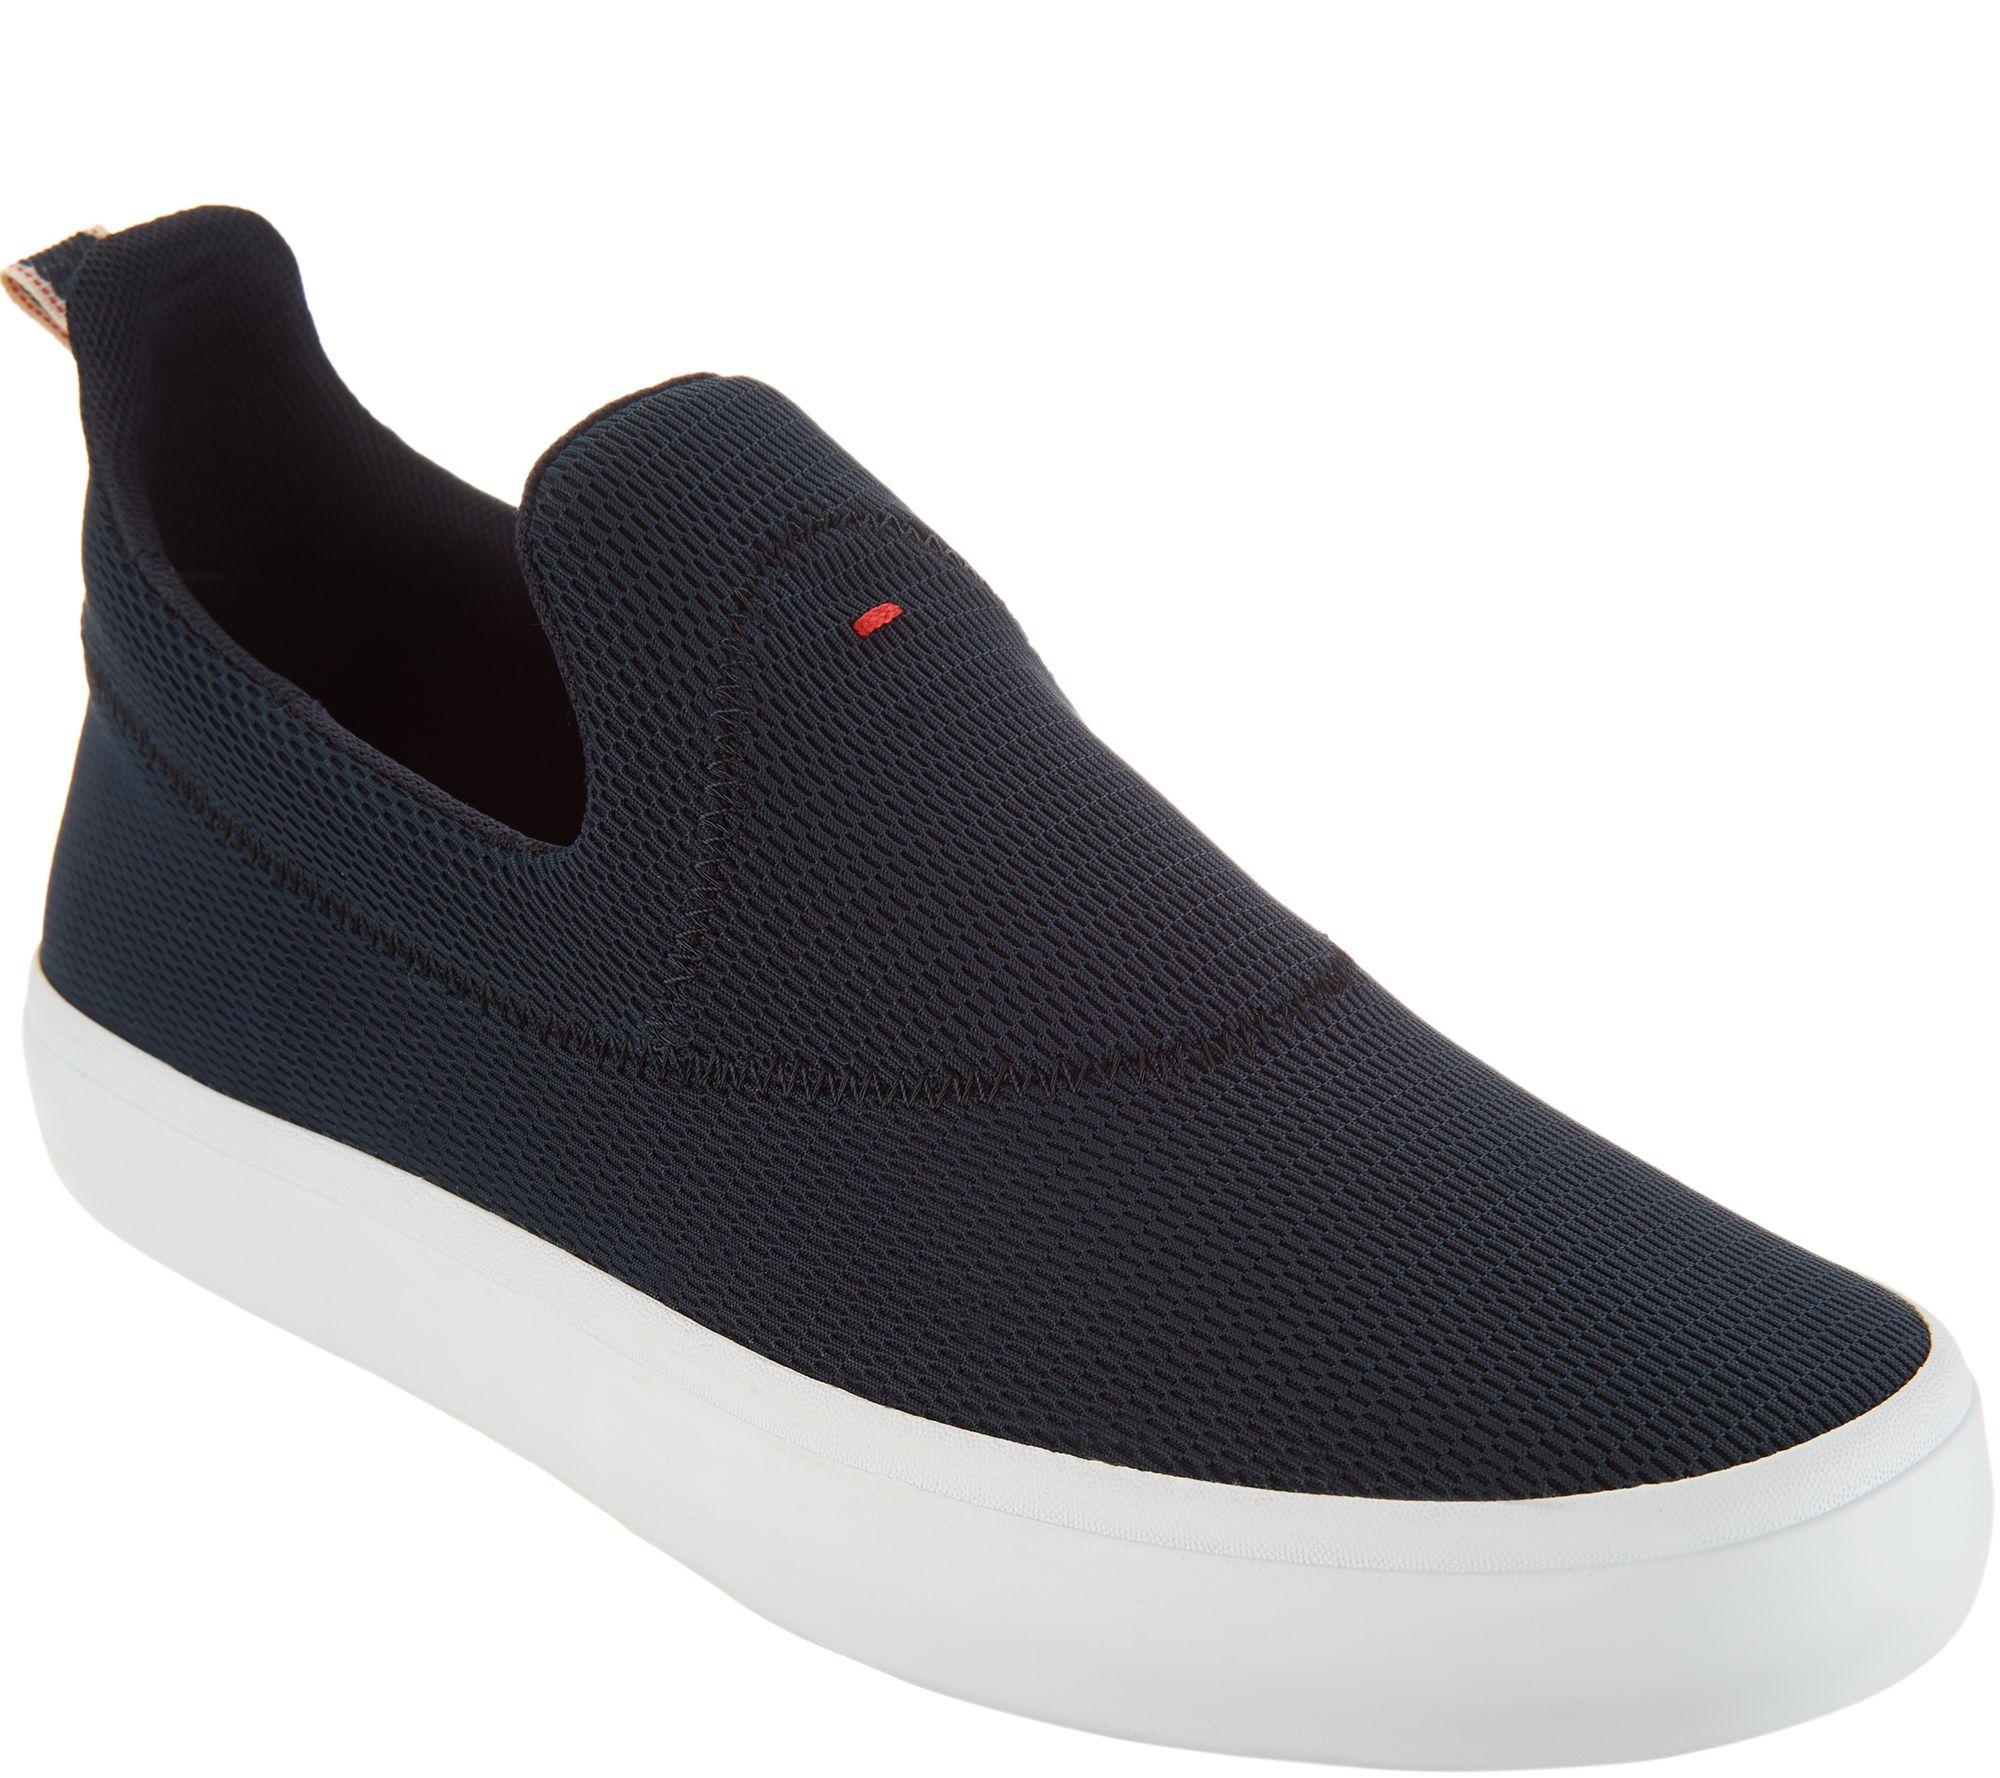 ED Ellen DeGeneres Mesh or Knit Slip-On Shoes - Daire - A296982